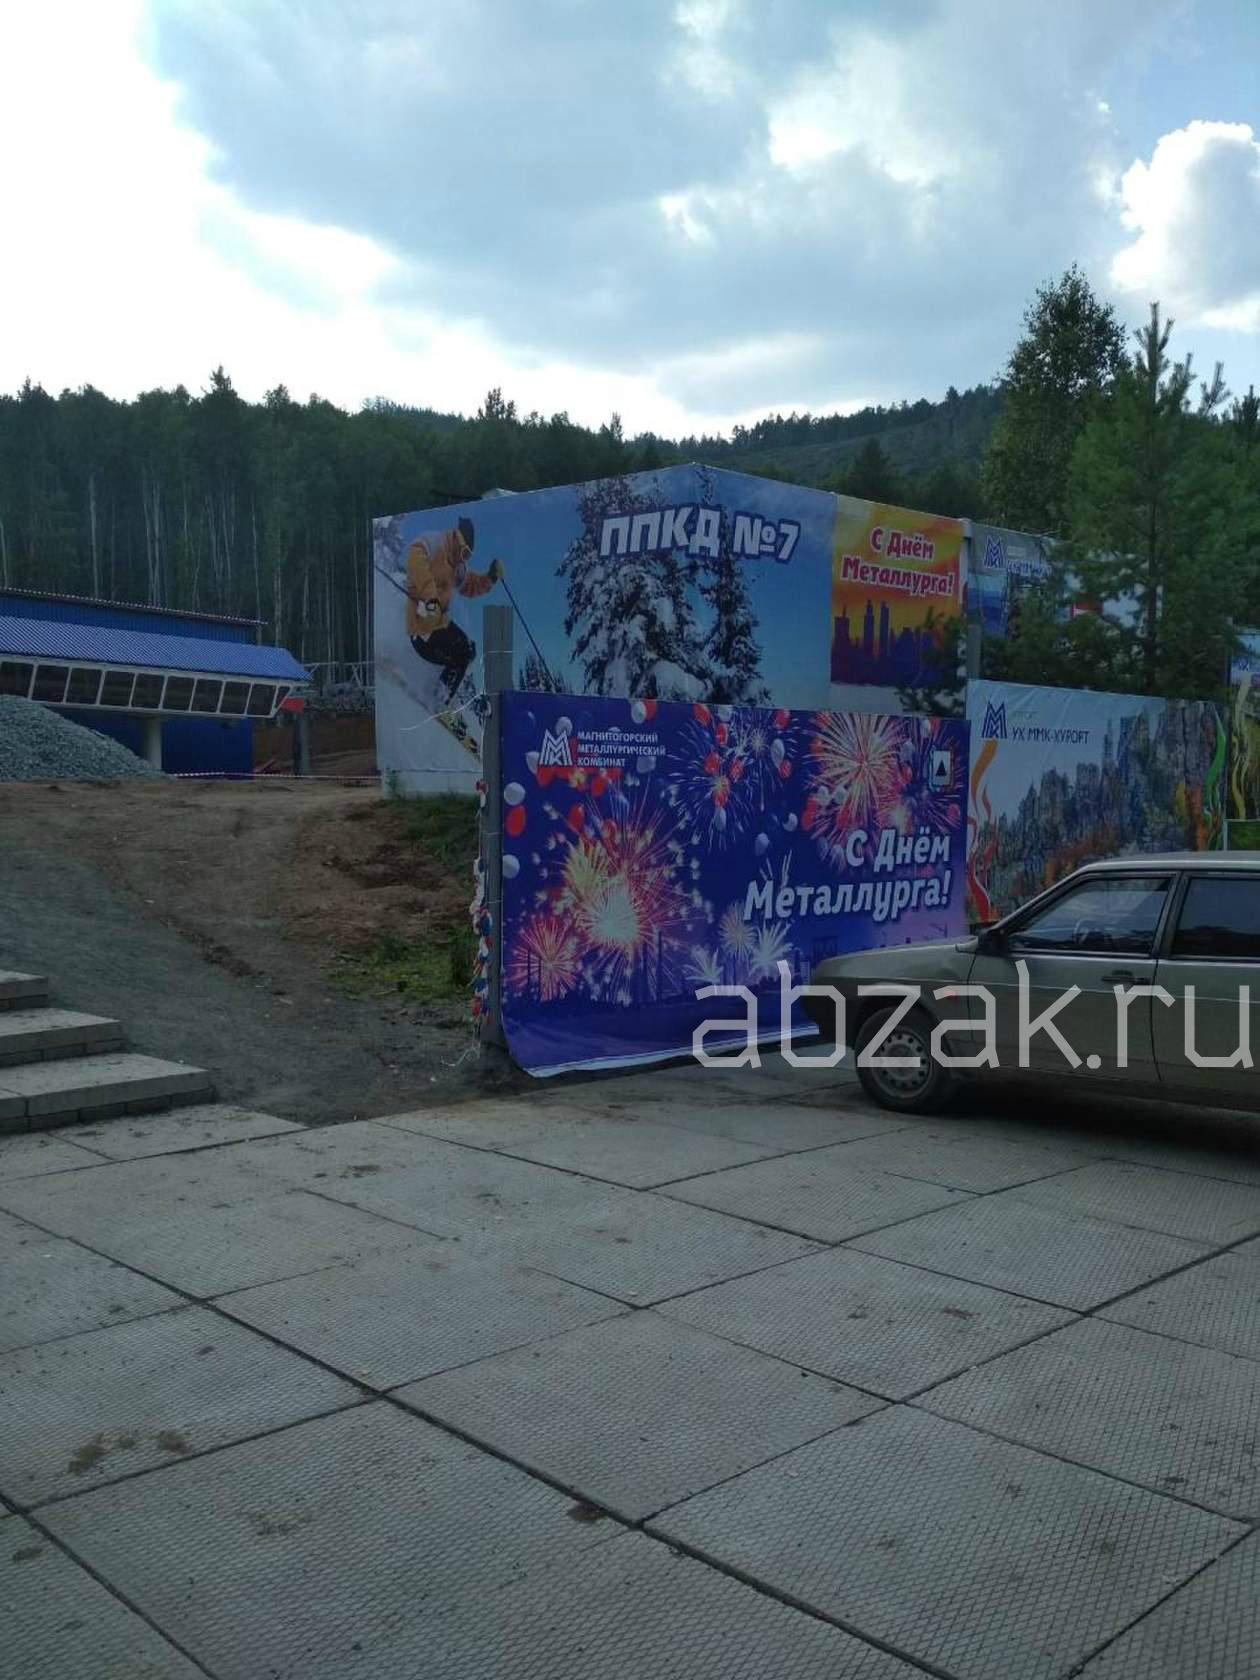 ППКД №7 в Абзаково